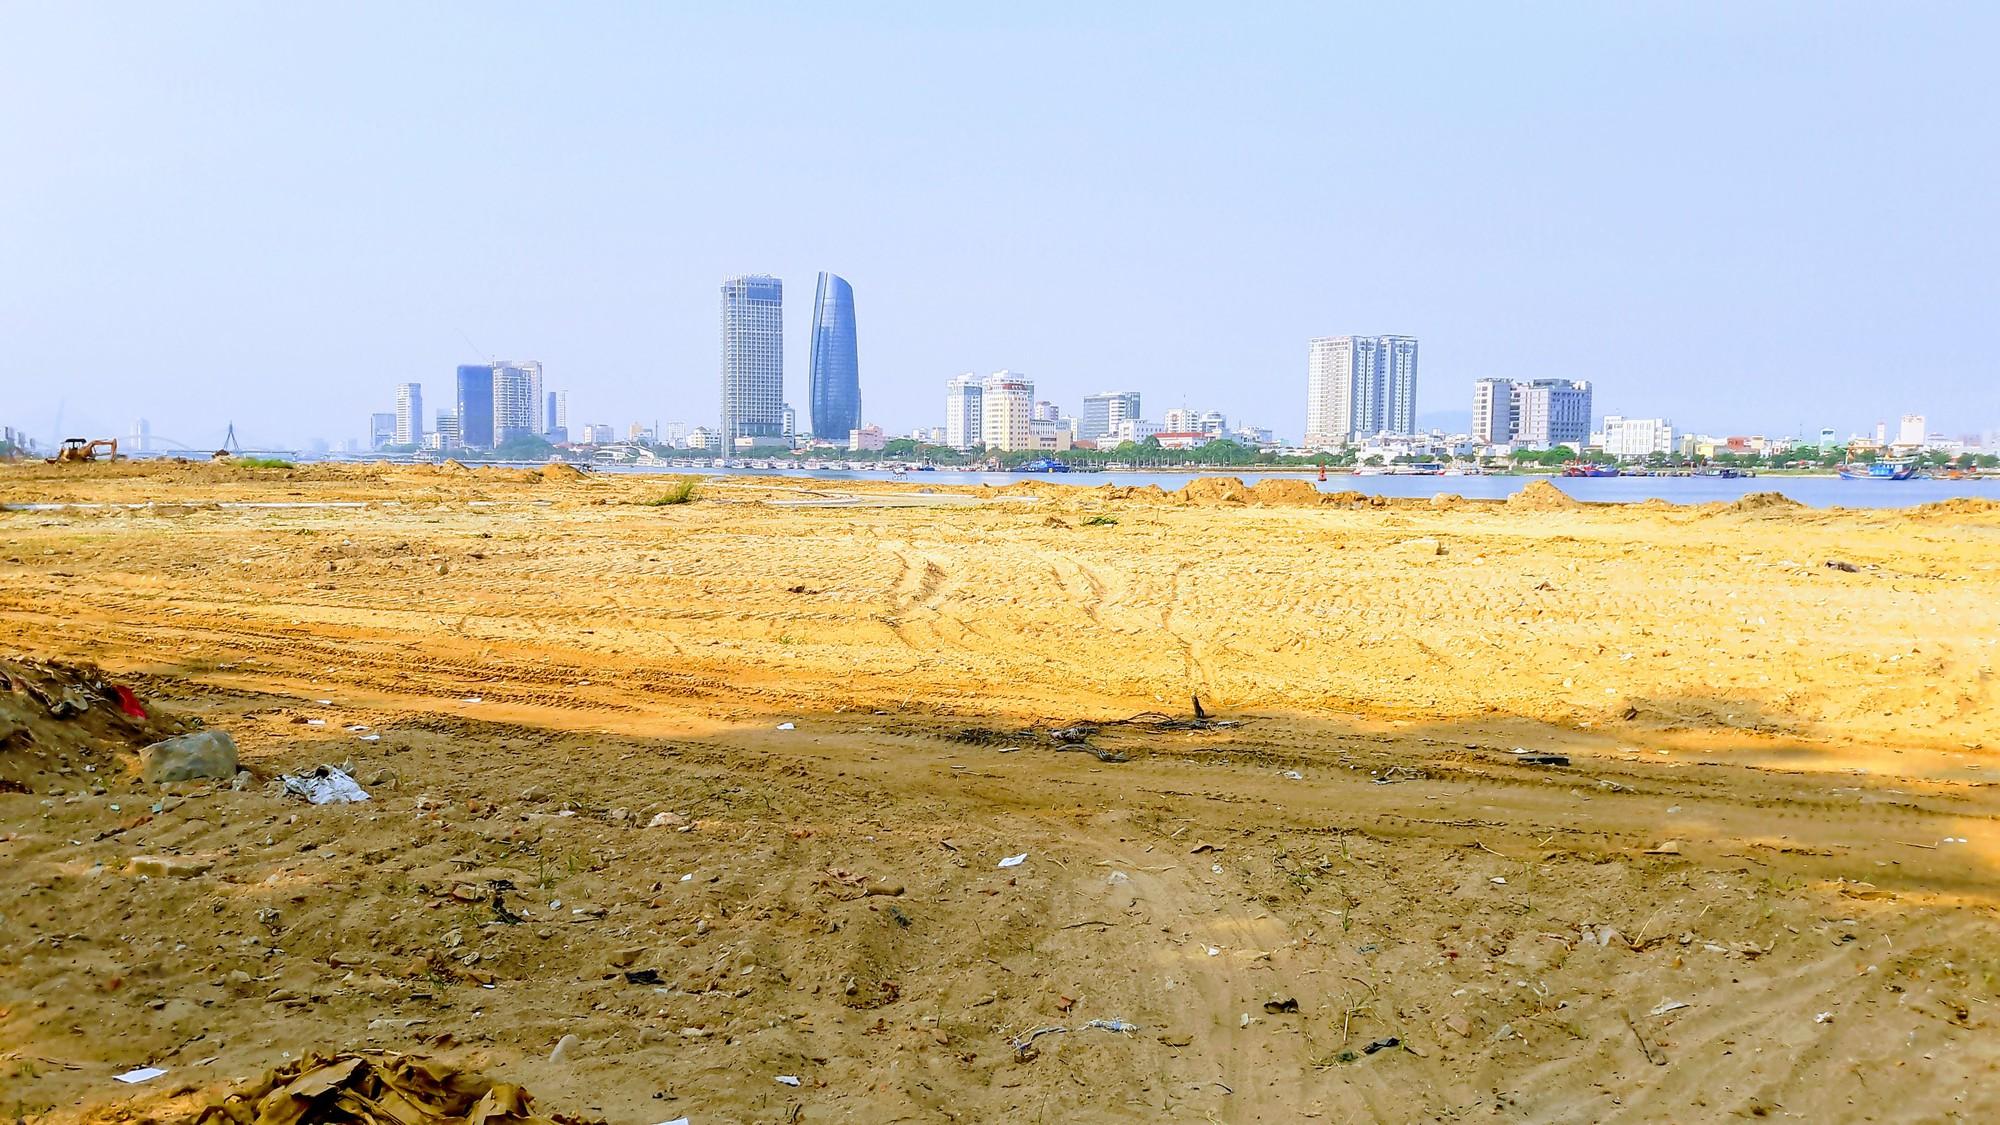 Vụ tạm dừng dự án Marina Complex ở Đà Nẵng: Cận cảnh những công trình, dự án dọc hai bờ sông Hàn hiện nay - Ảnh 13.